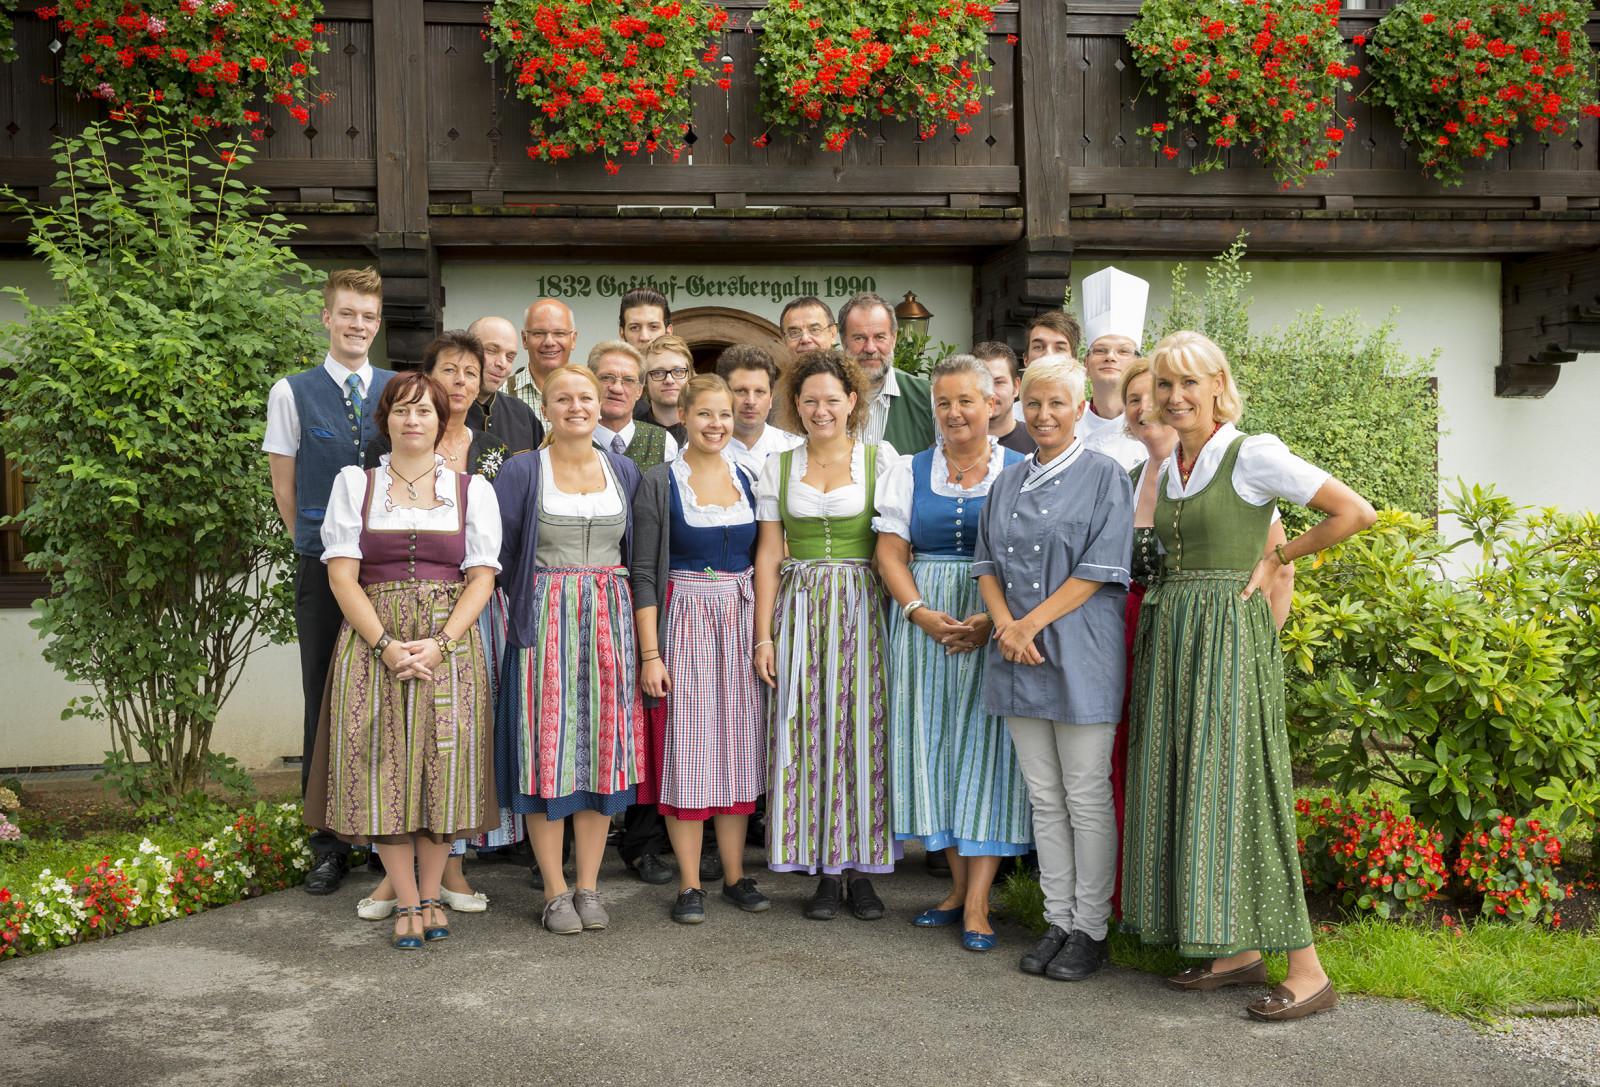 Eingeschworenes Team: die Belegschaft der Gersberg Alm ©Gersberg Alm